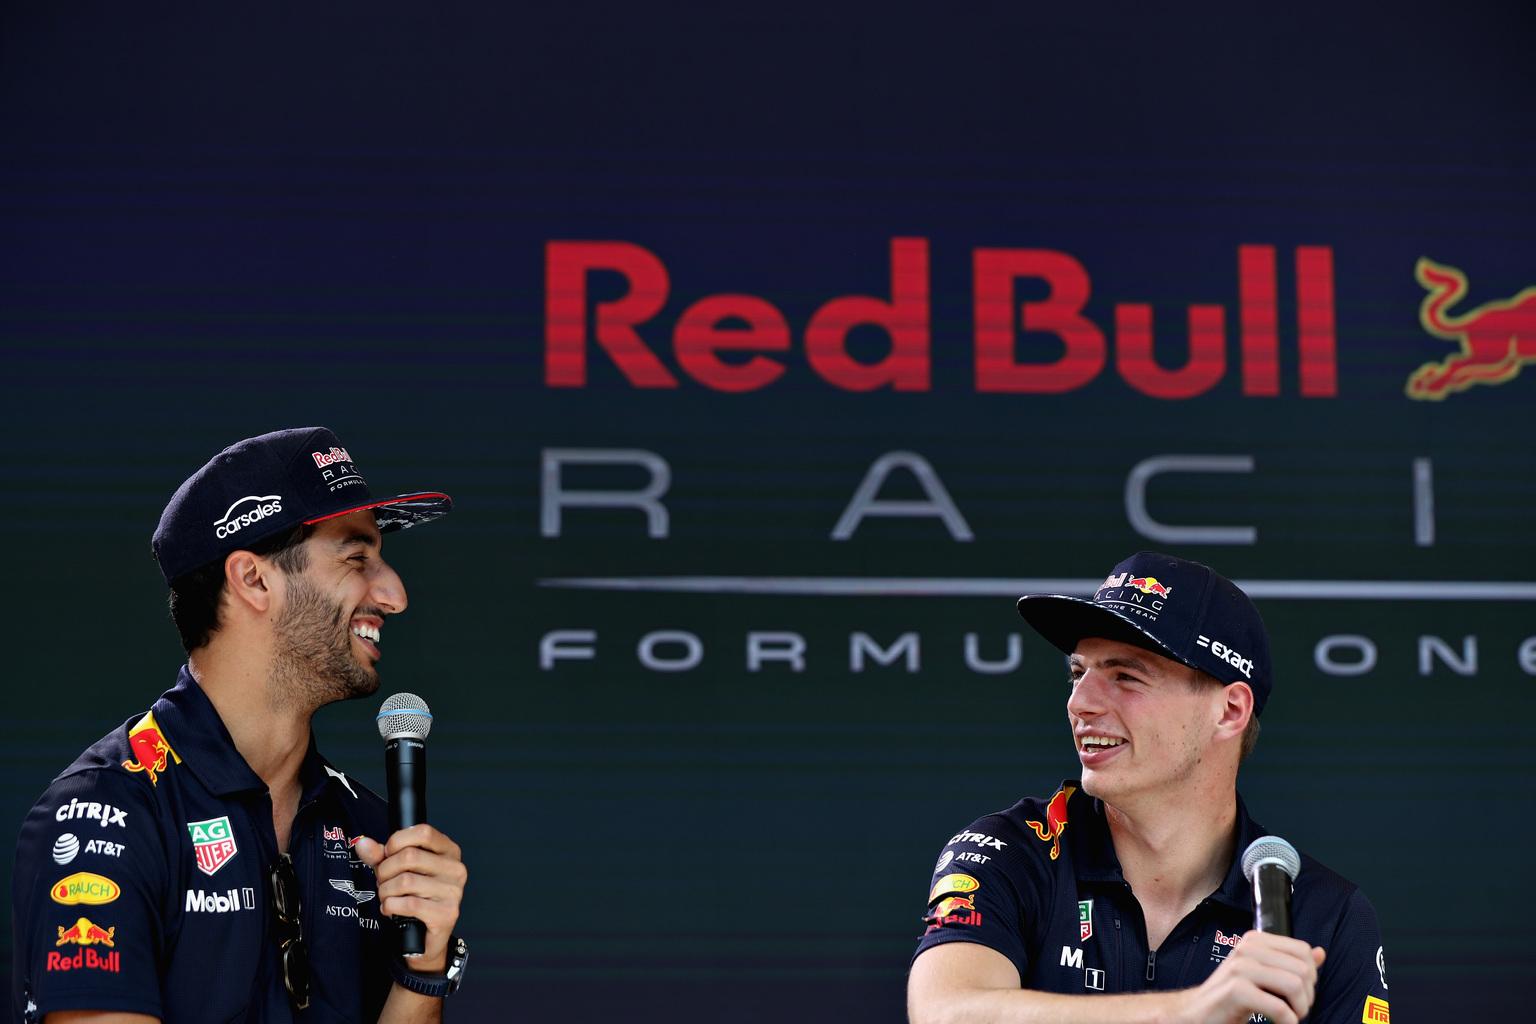 Daniel Ricciardo és Max Verstappen a pályán kemény ellenfelek, azon kívül viszont remekül kijönnek egymással (Fotó: Red Bull)